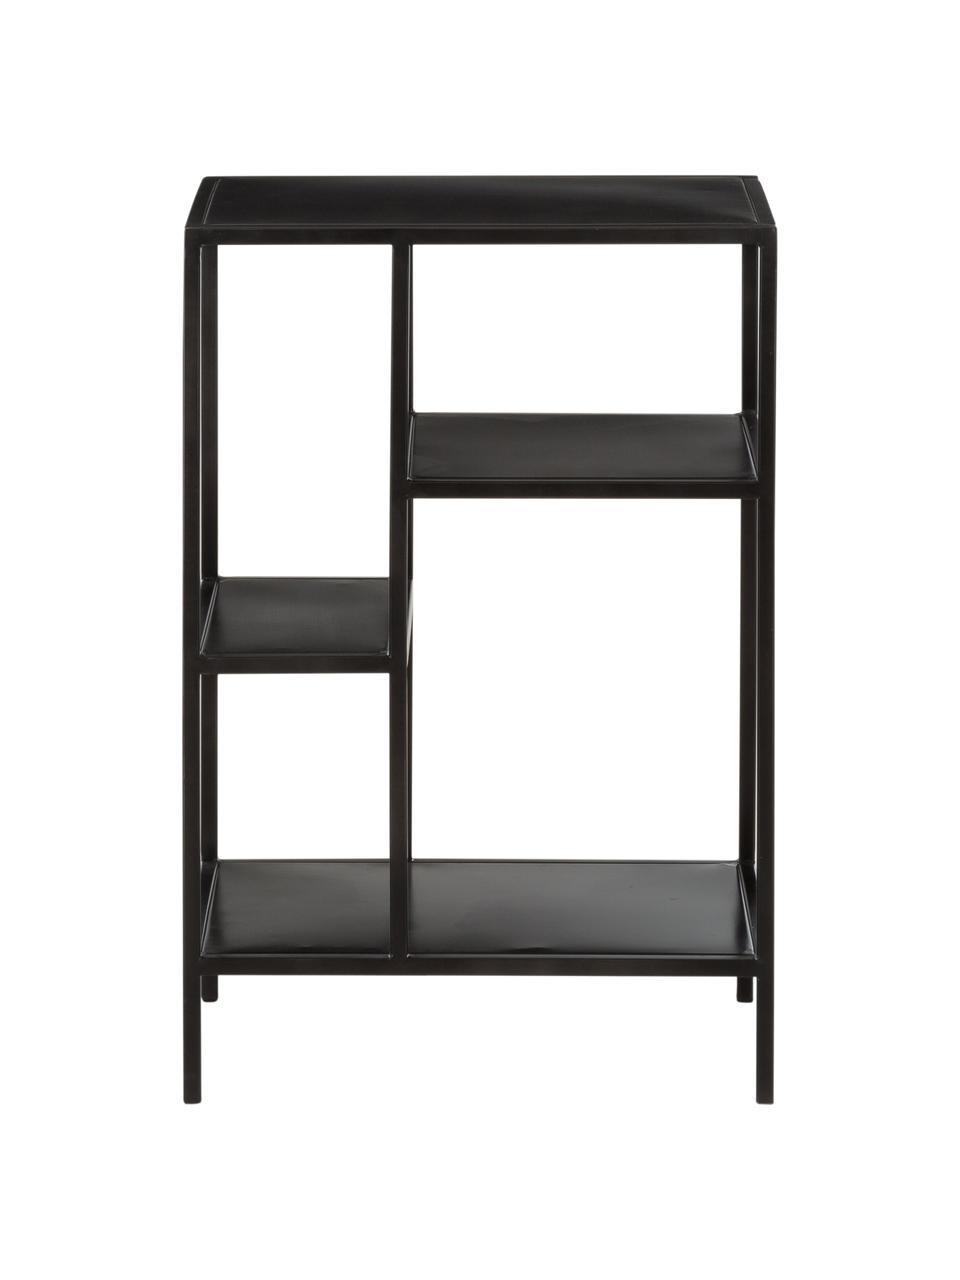 Mensola in metallo nera Display, Metallo verniciato a polvere, Nero, Larg. 50 x Prof. 74 cm